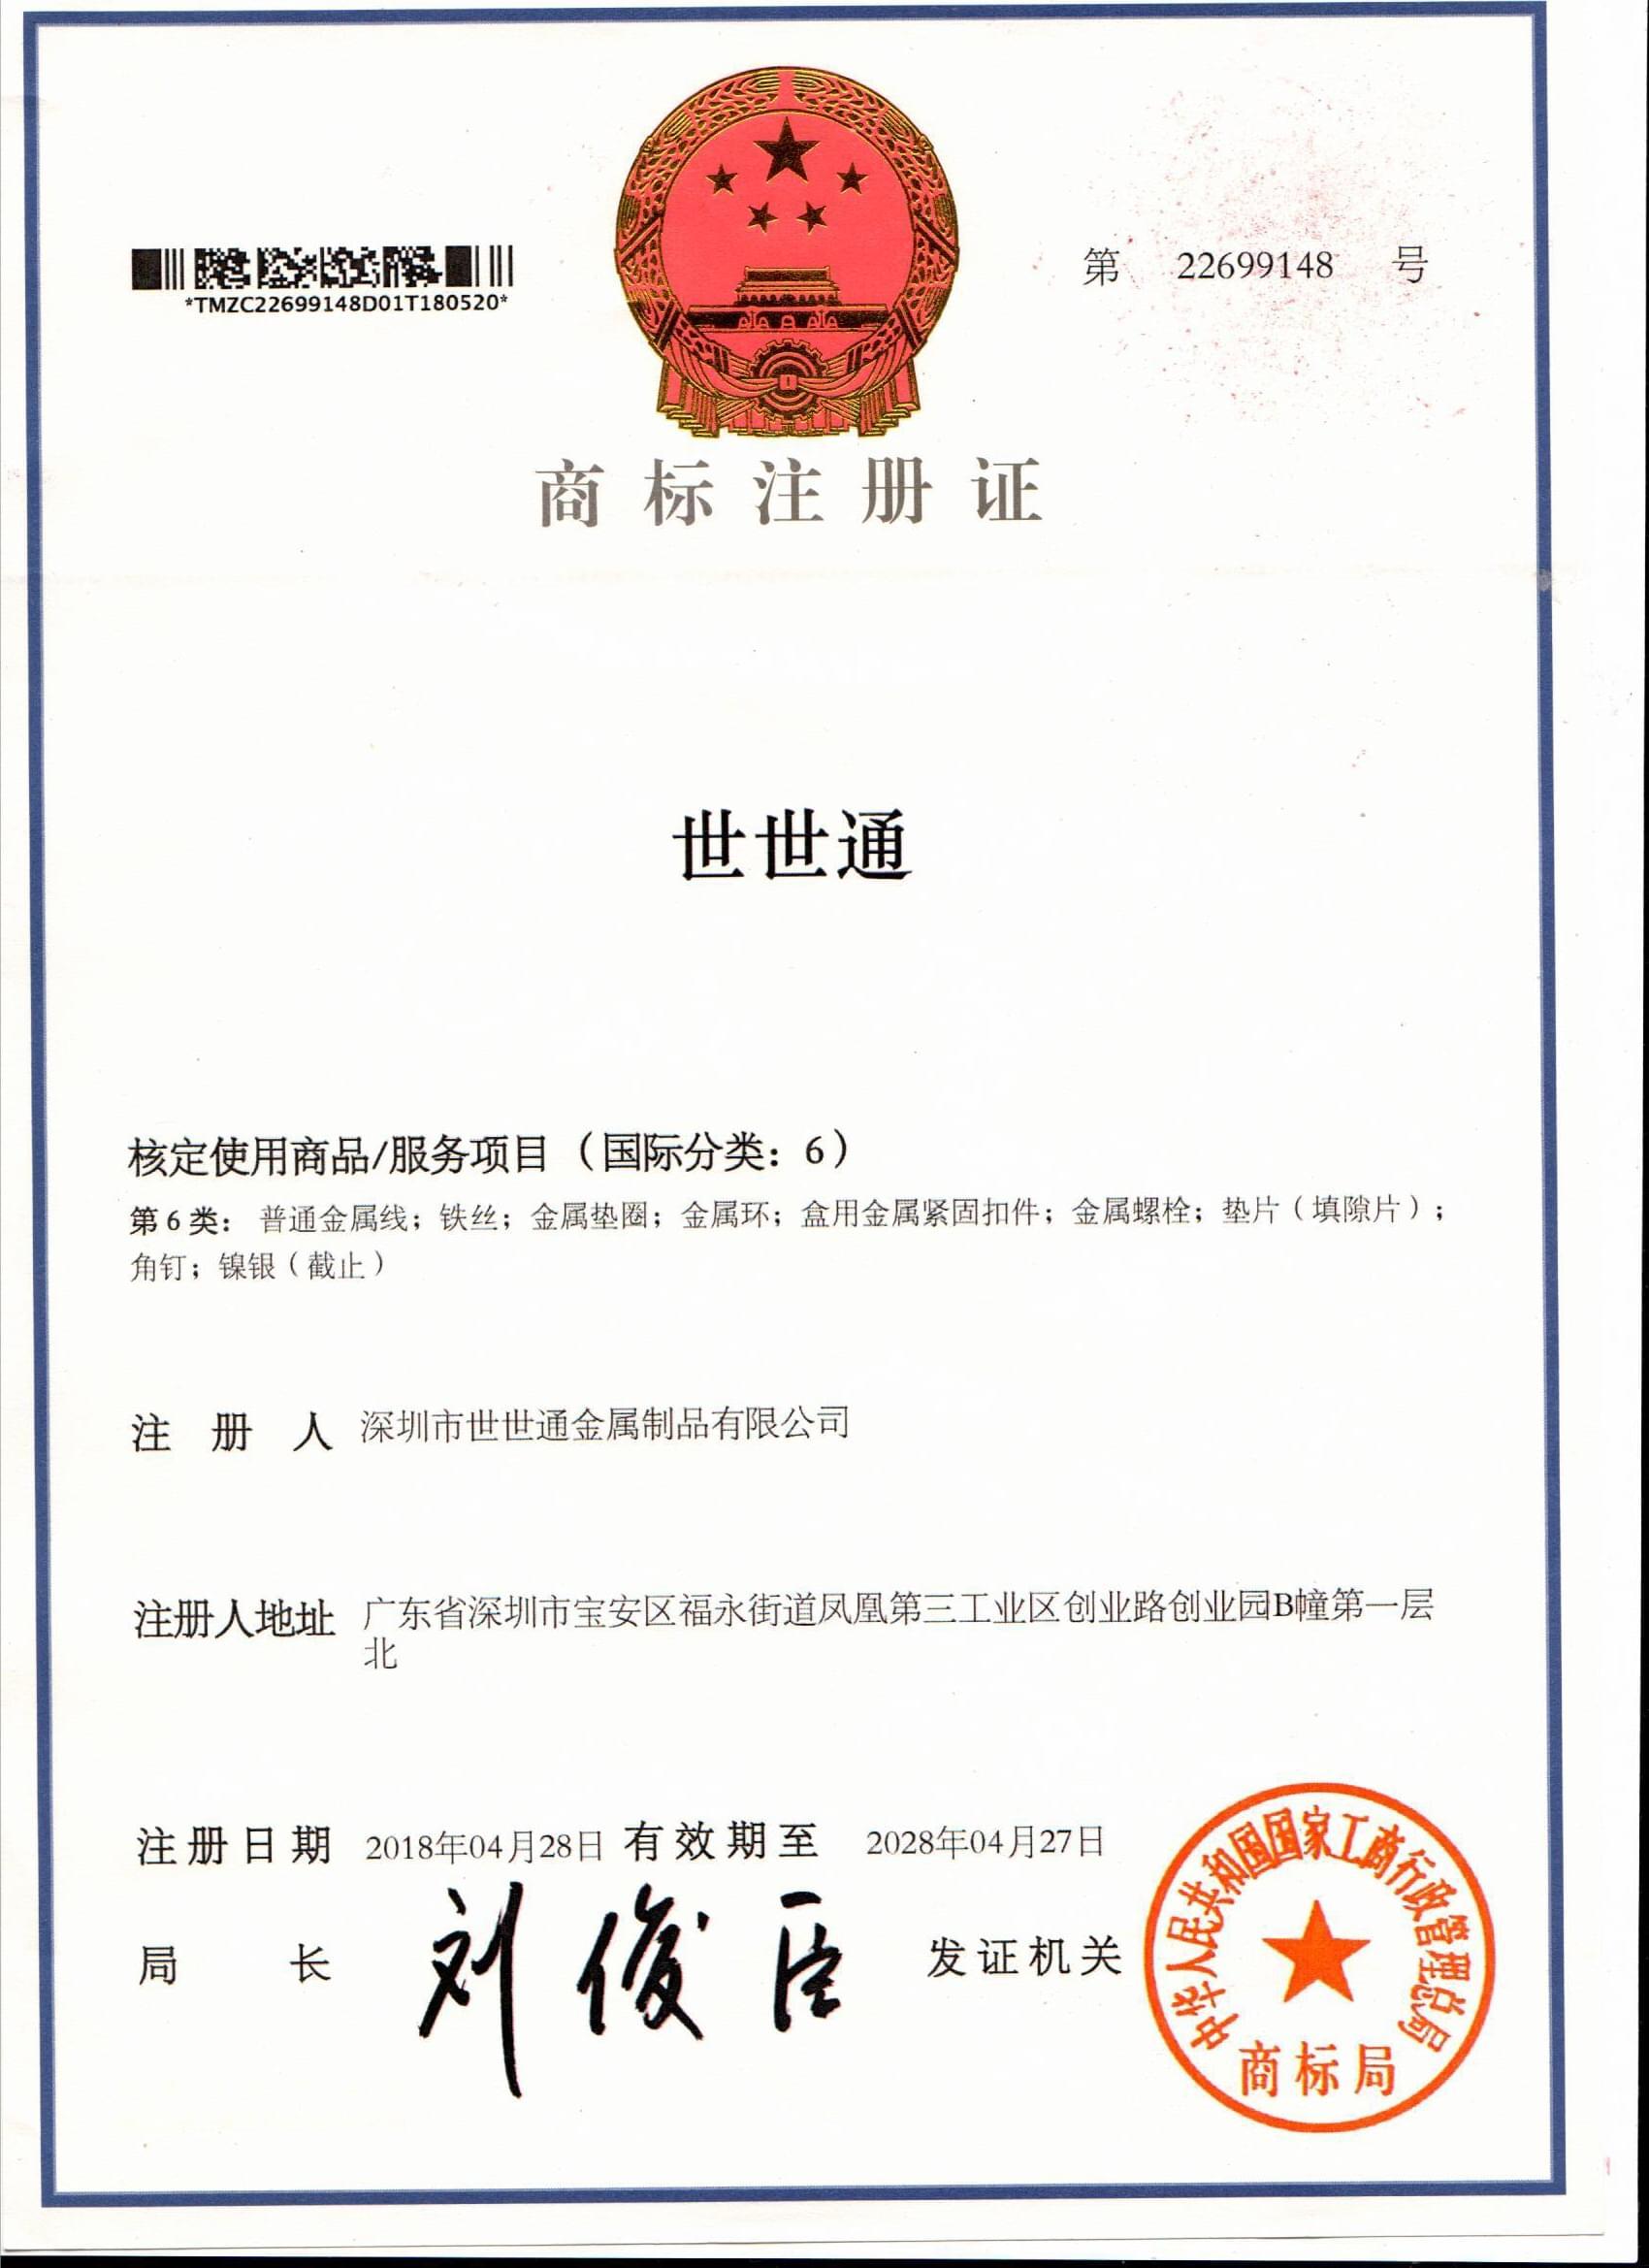 世世通商标注册